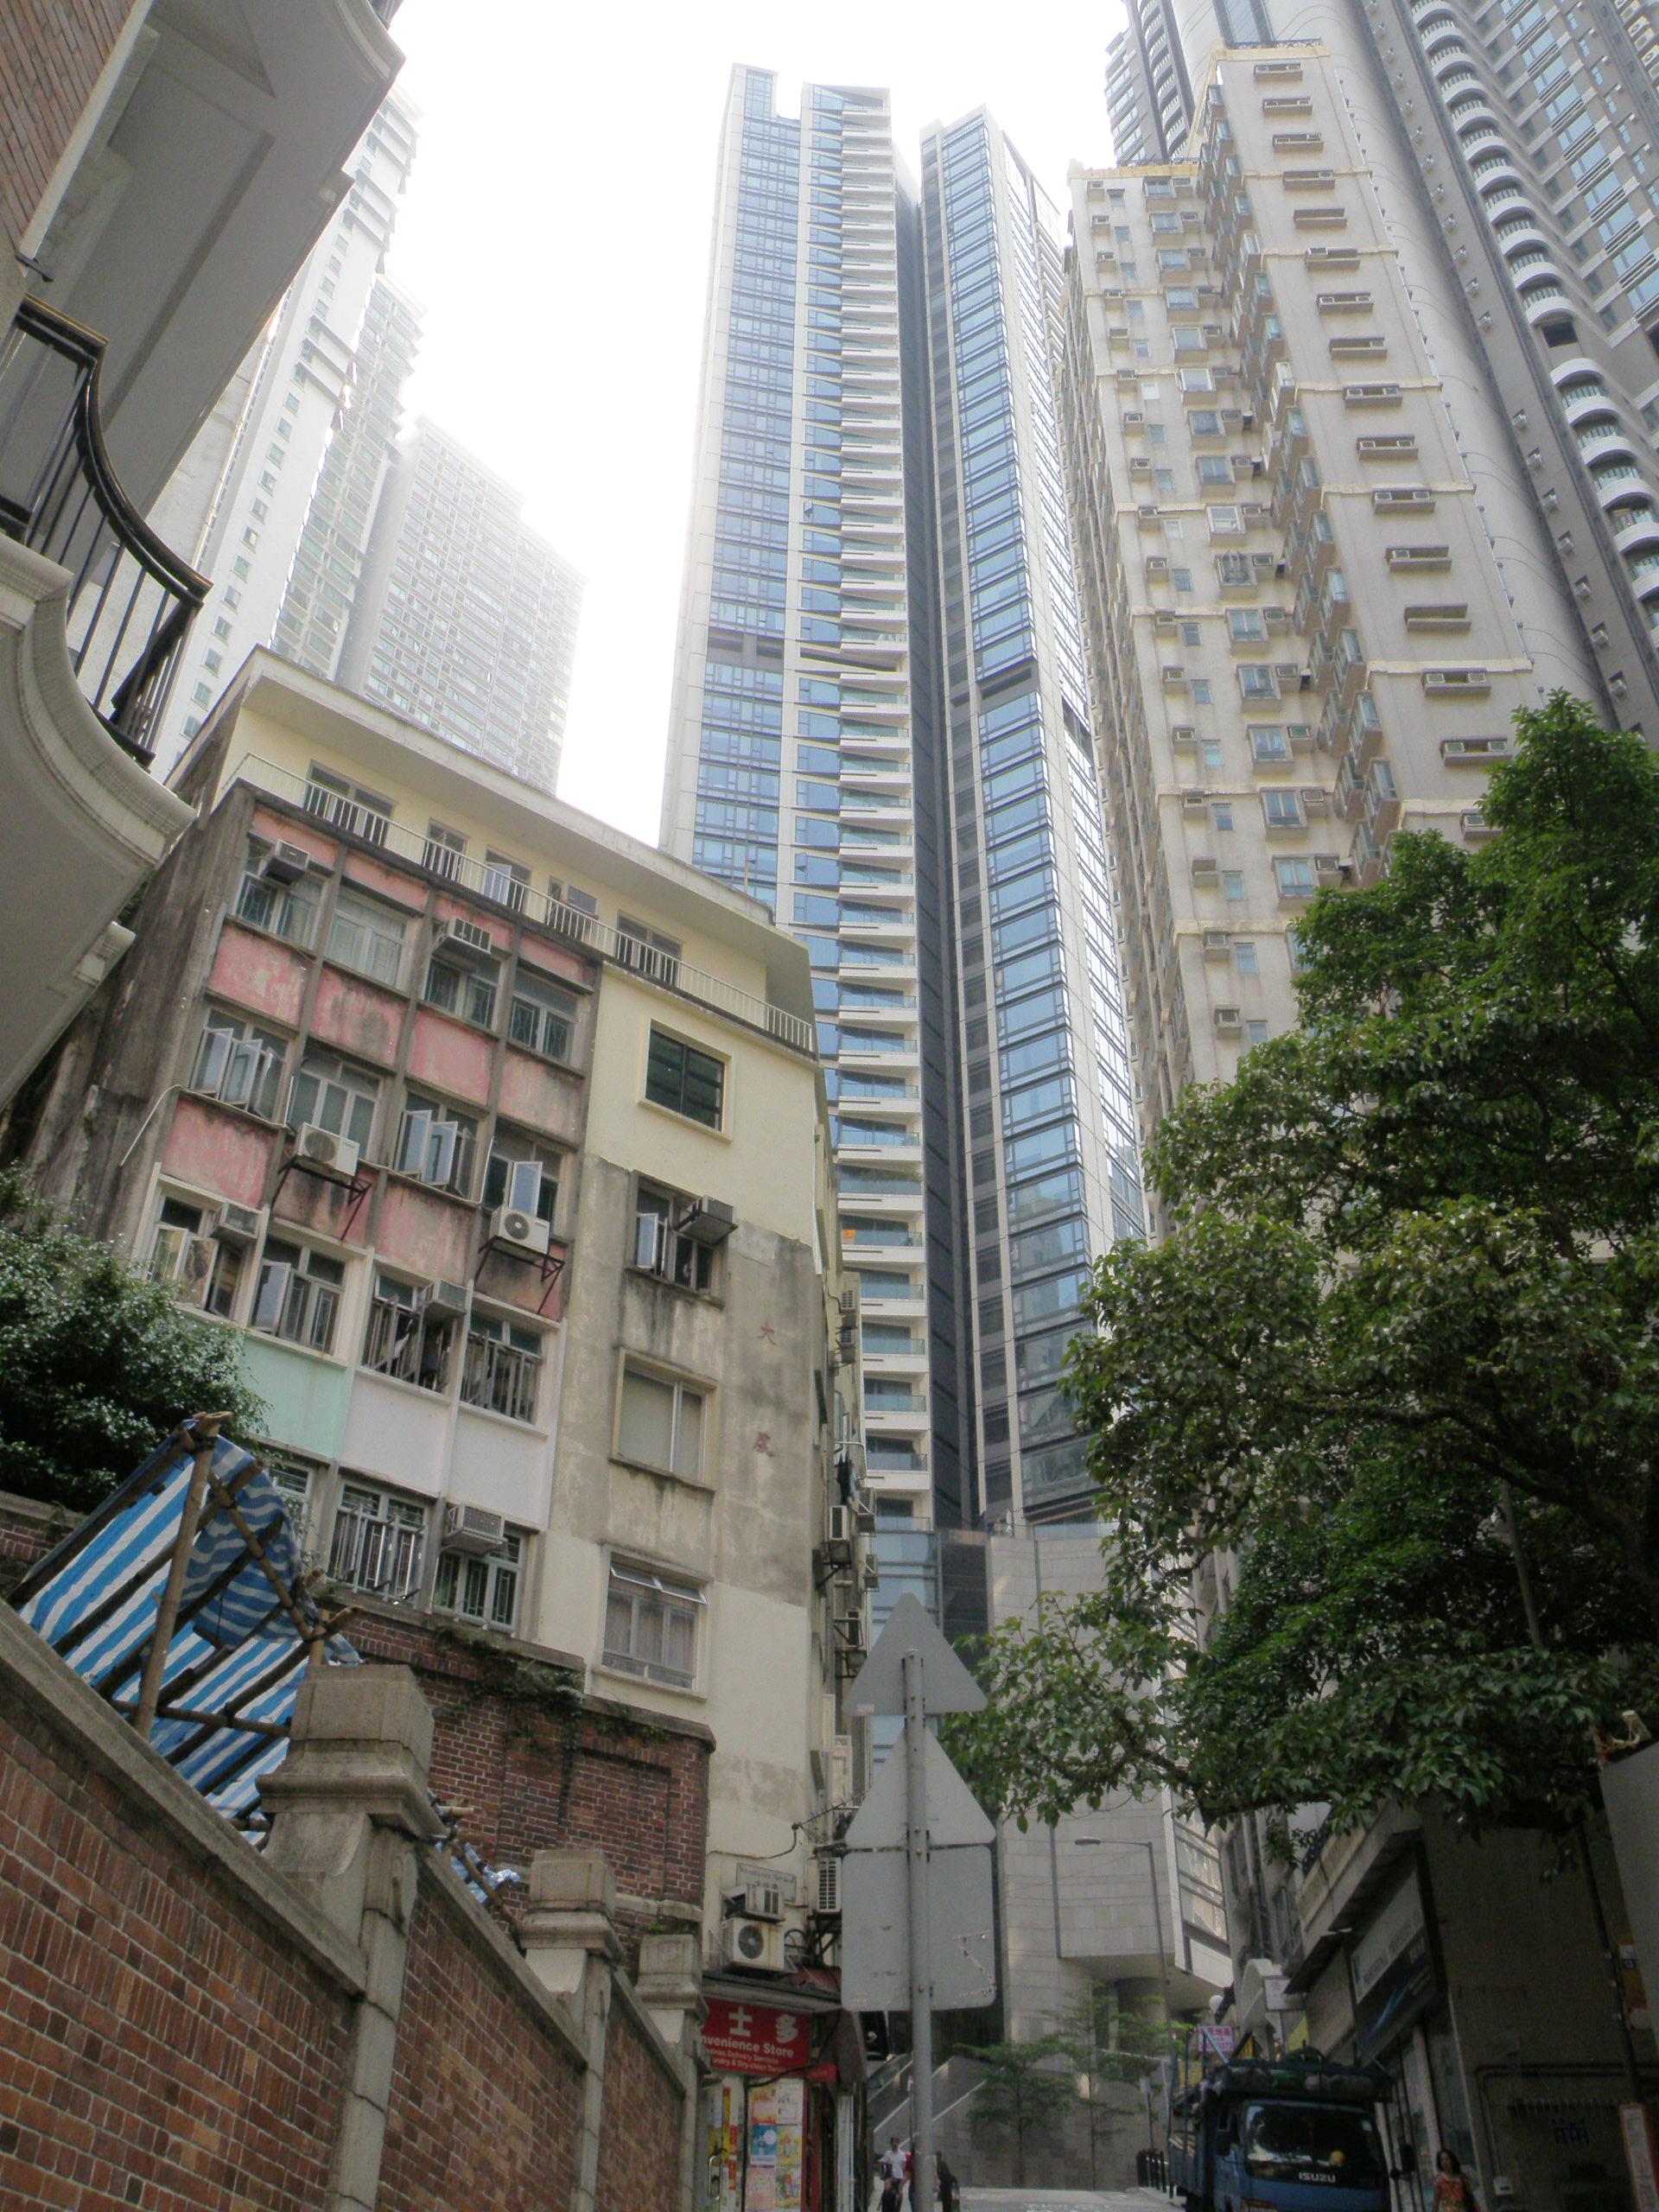 Azura (Hong Kong) - Wikipedia